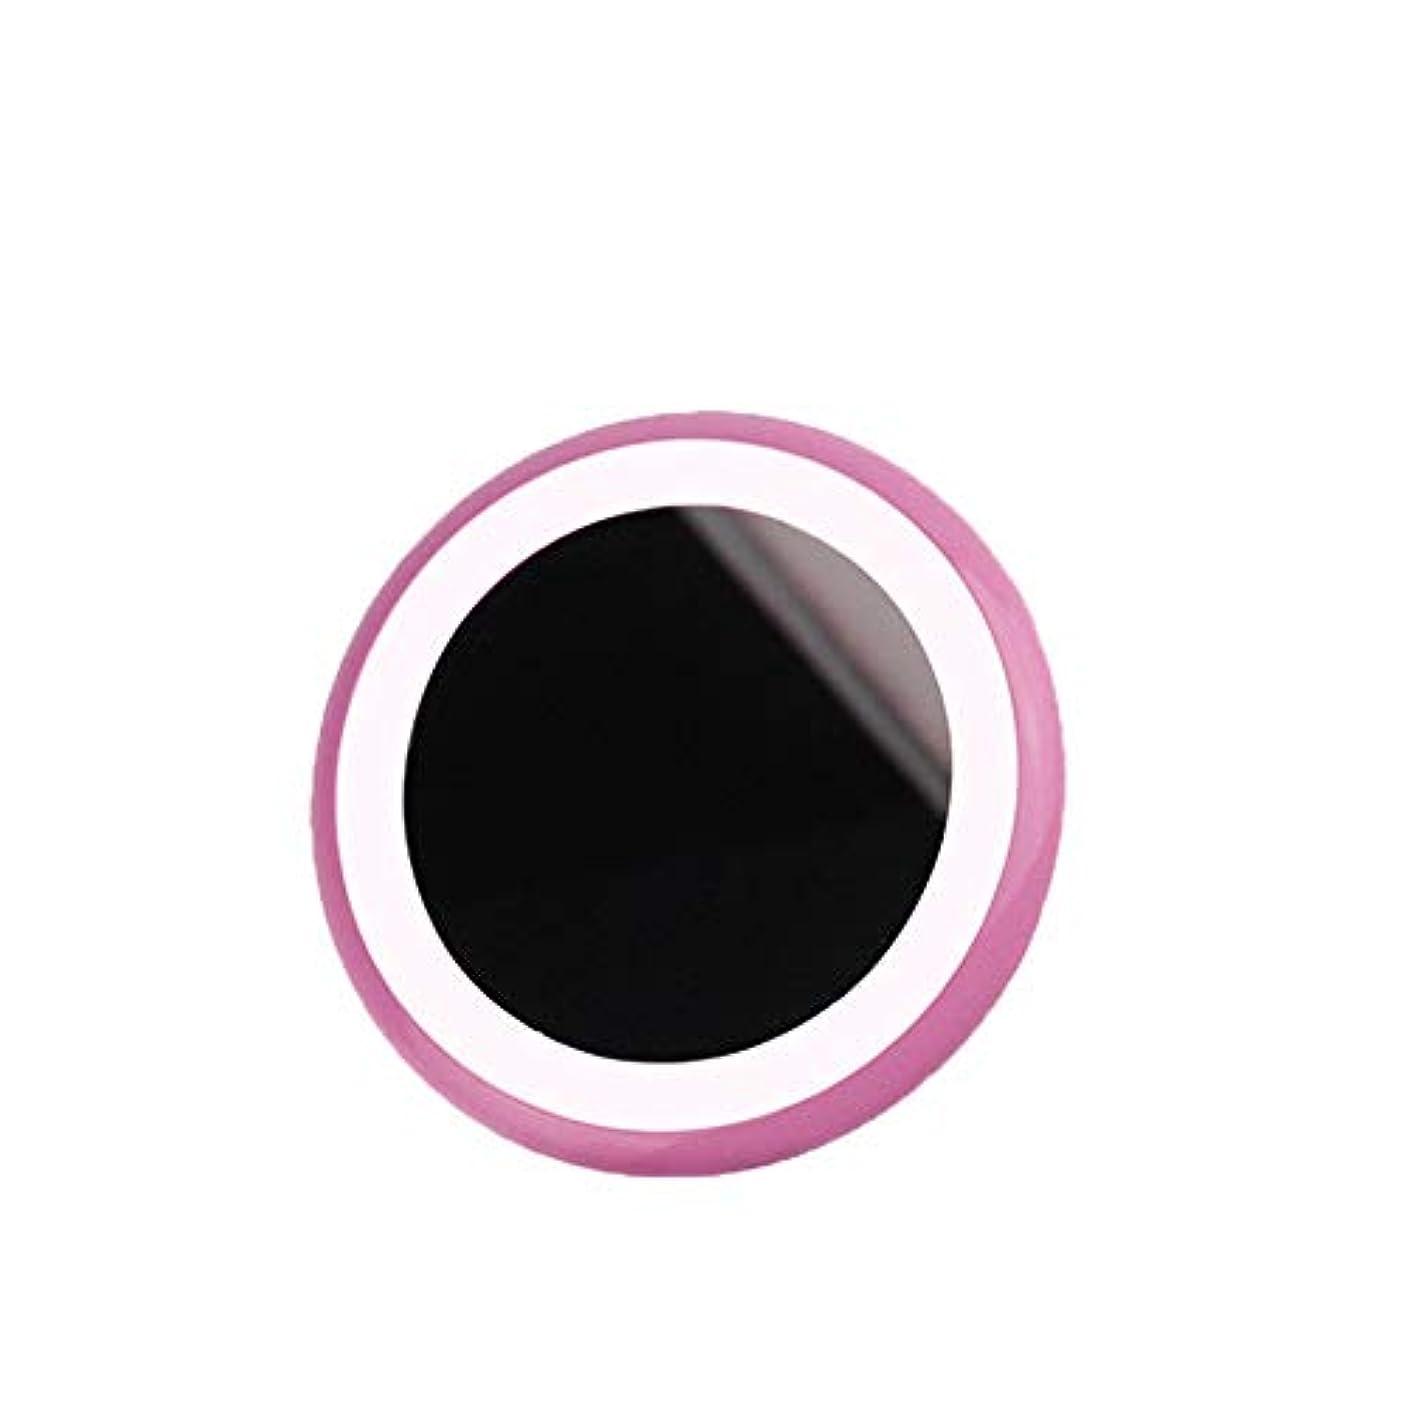 突破口熟した感染する流行の LEDライトメイクアップミラー新しい携帯充電宝物入れミラー美容ミラーABS素材2ピンクブルーセクション